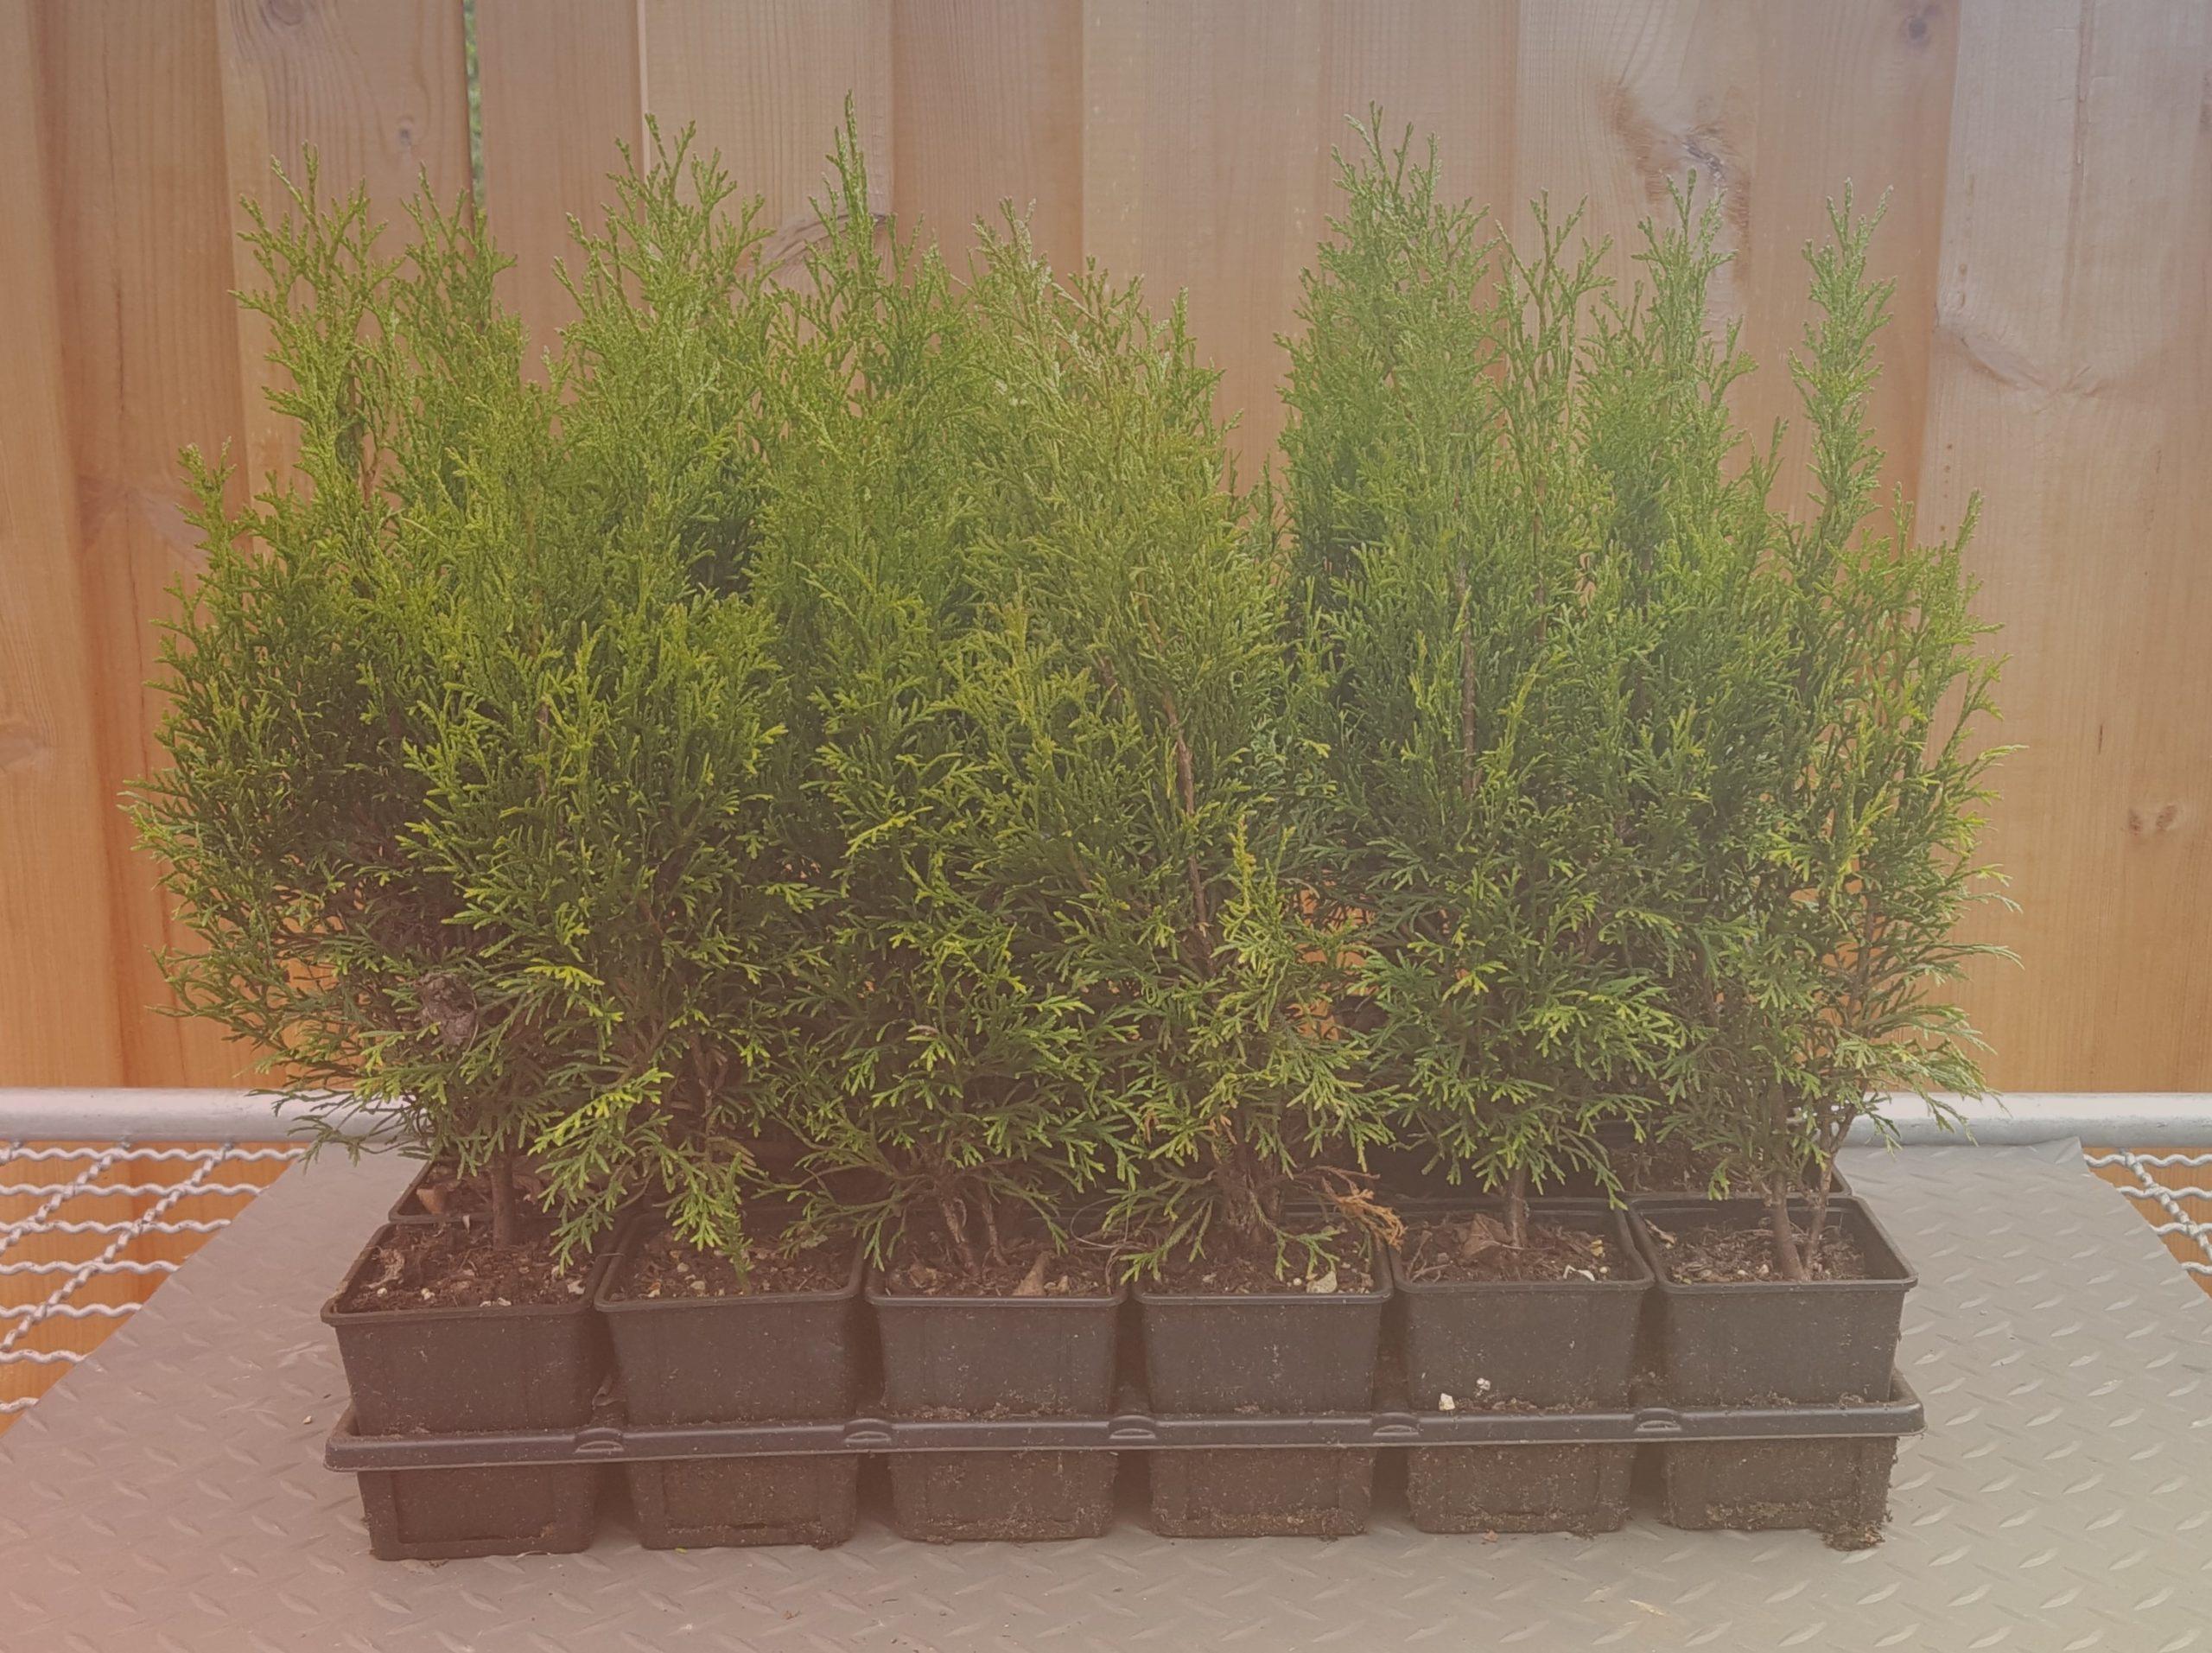 Thuja/Lebensbaum - Smaragd